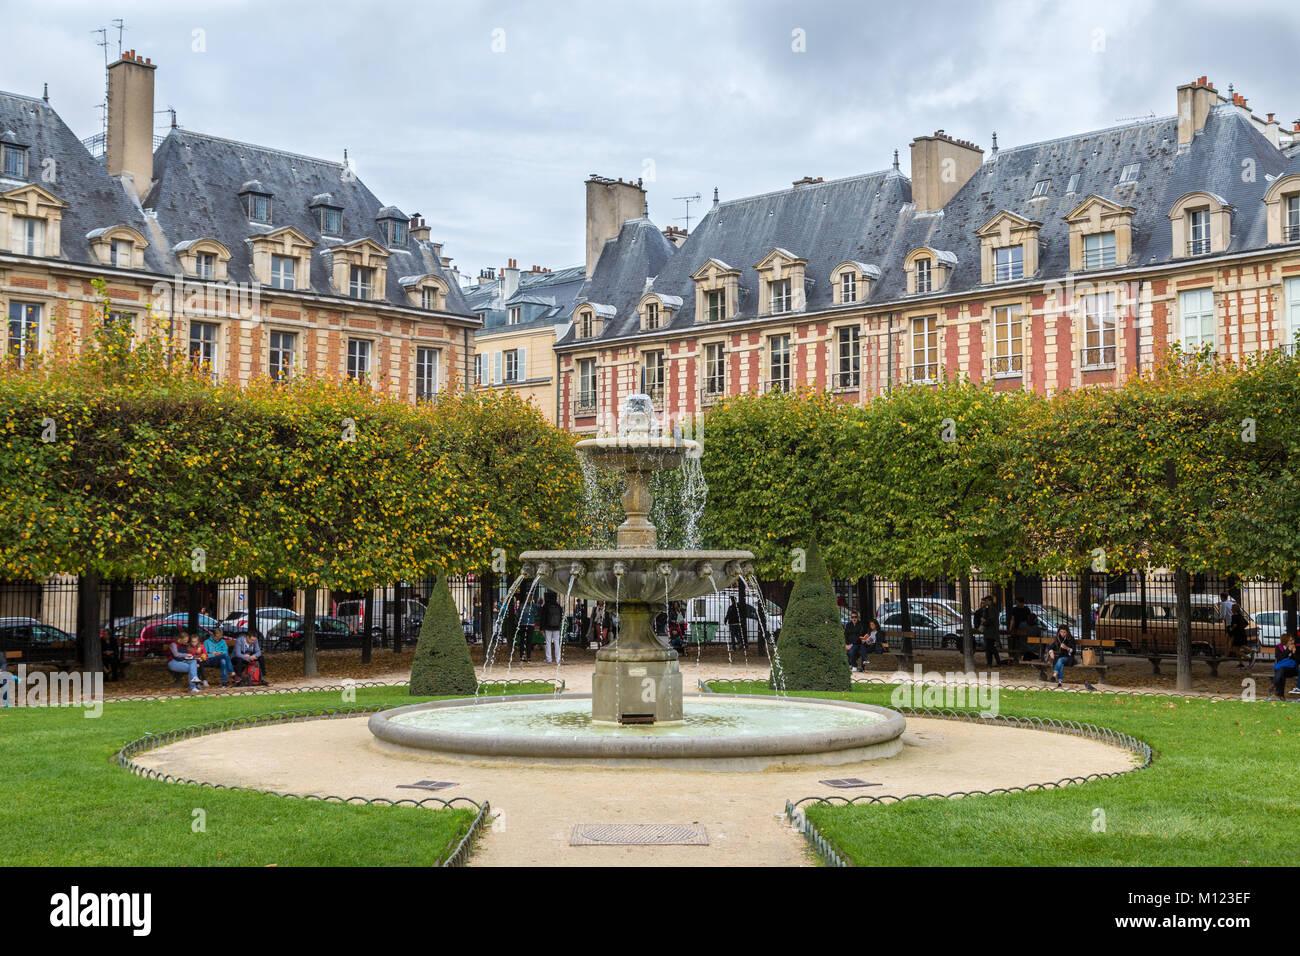 Fountain,Place des Vosges,Paris,France - Stock Image